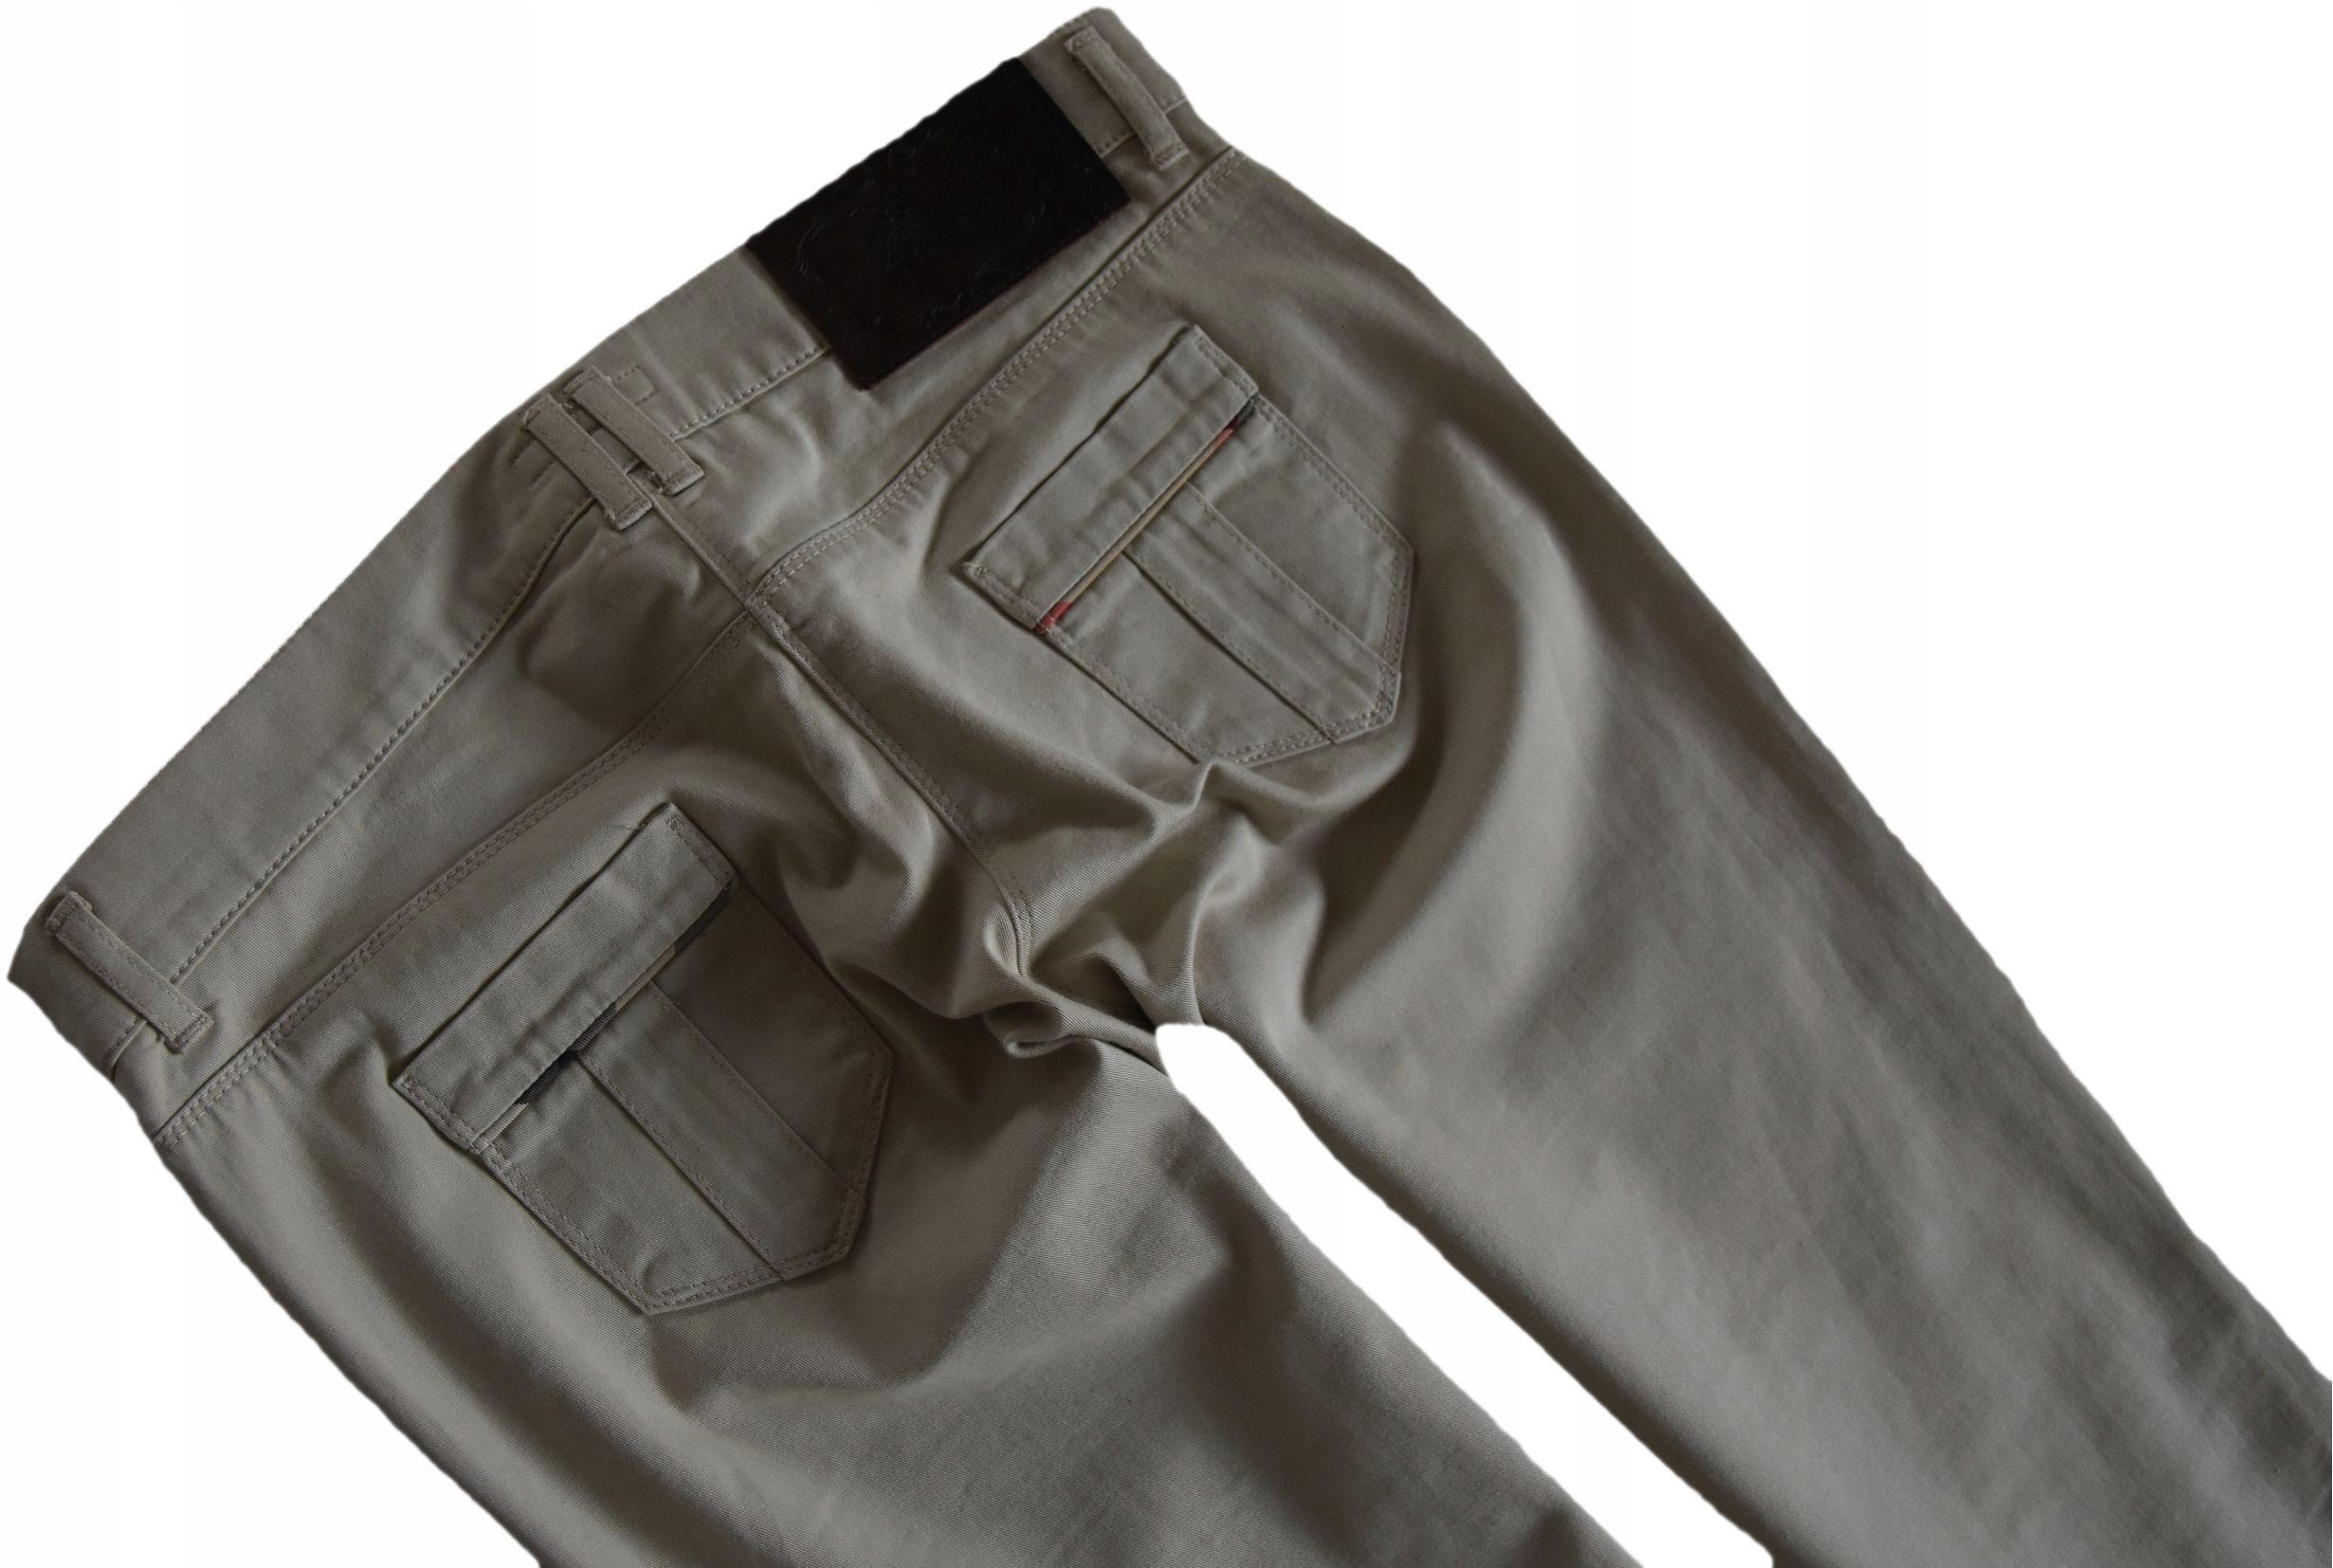 BURBERRY spodnie damskie beżowe wygodne M jak nowe